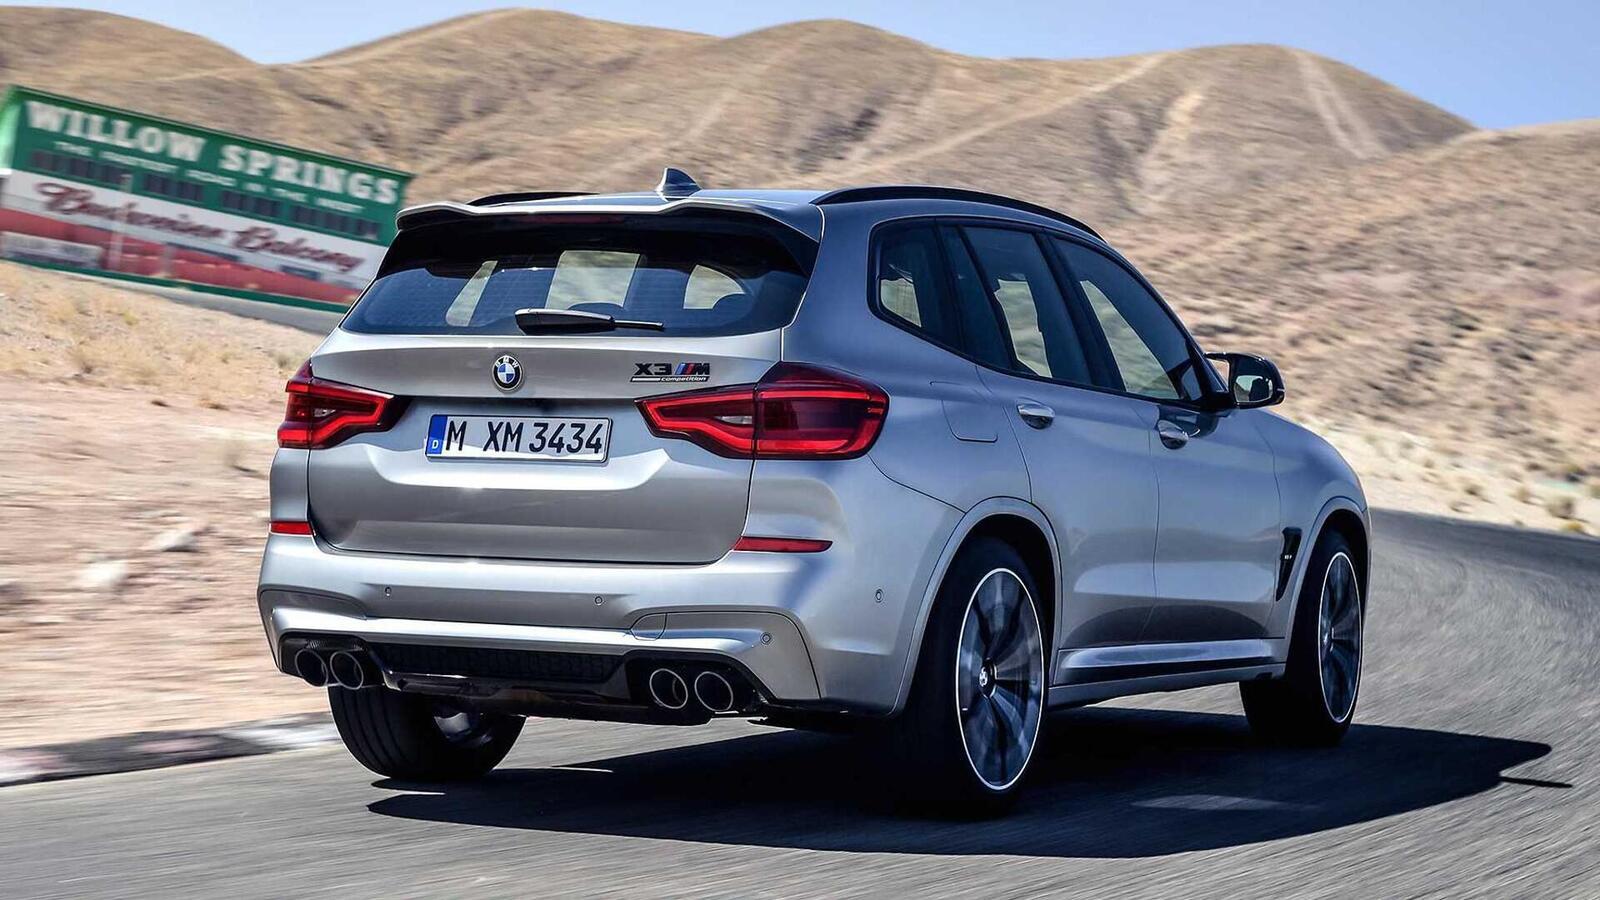 BMW X3 M và X4 M 2020 chính thức ra mắt: Mang trong mình sức mạnh từ 473 - 503 mã lực - Hình 16